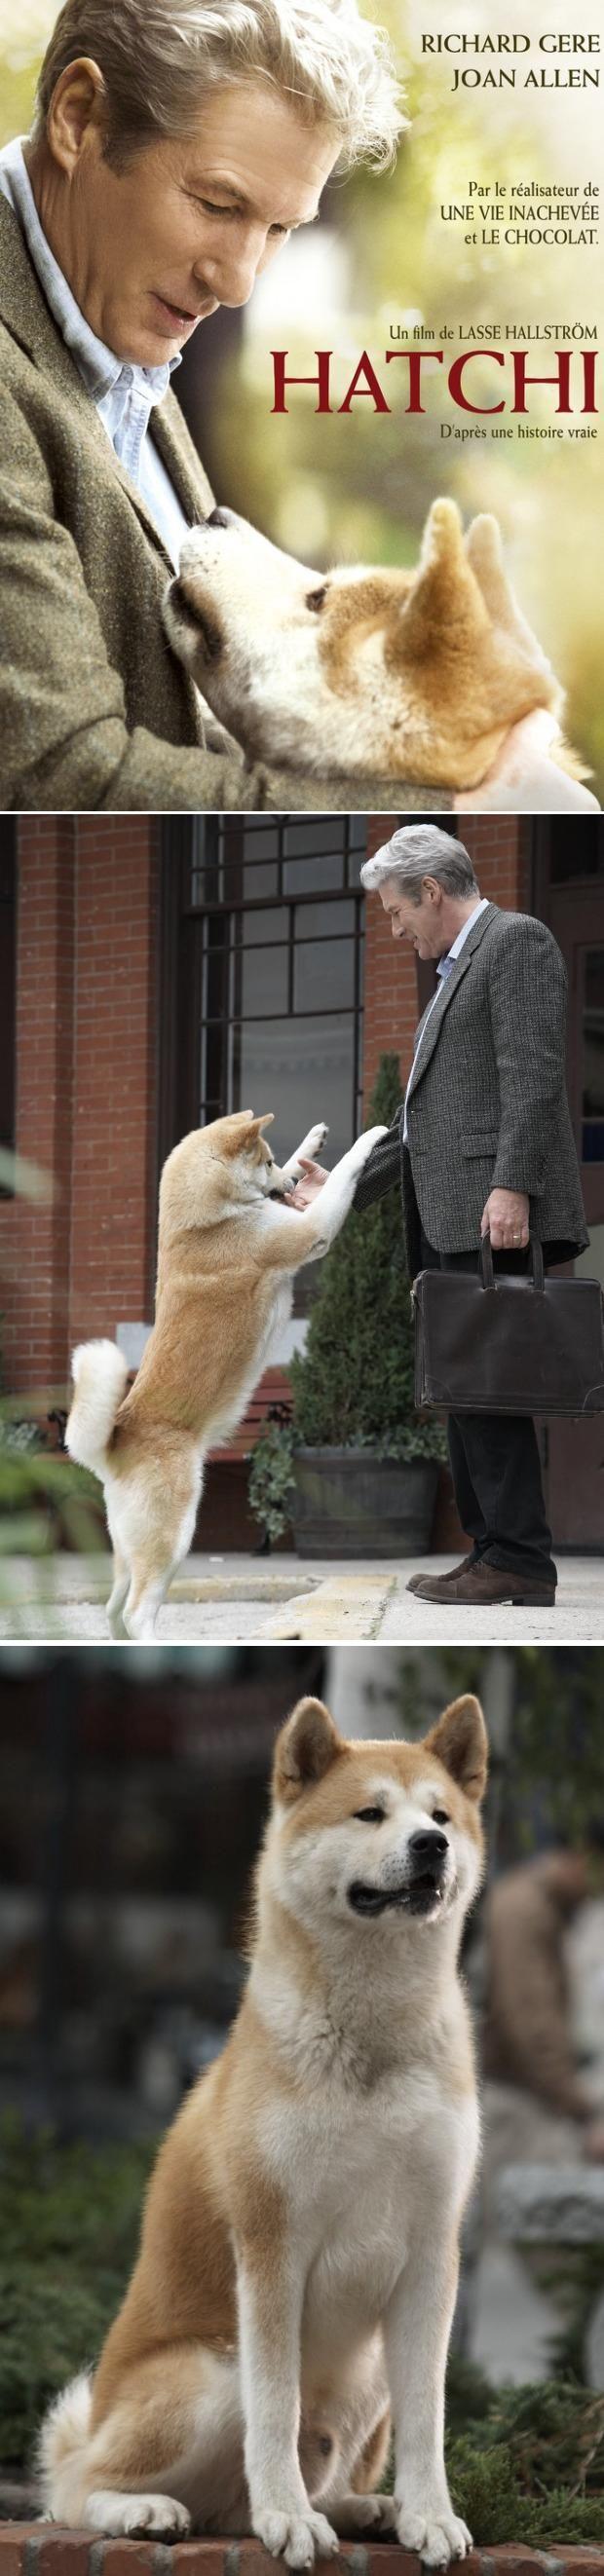 superbe film. une histoire d amour entre un maitre et son chien. magnifique.